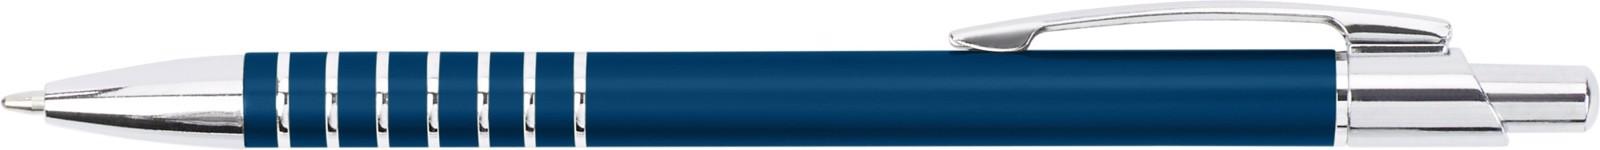 Aluminum ballpen - Blue